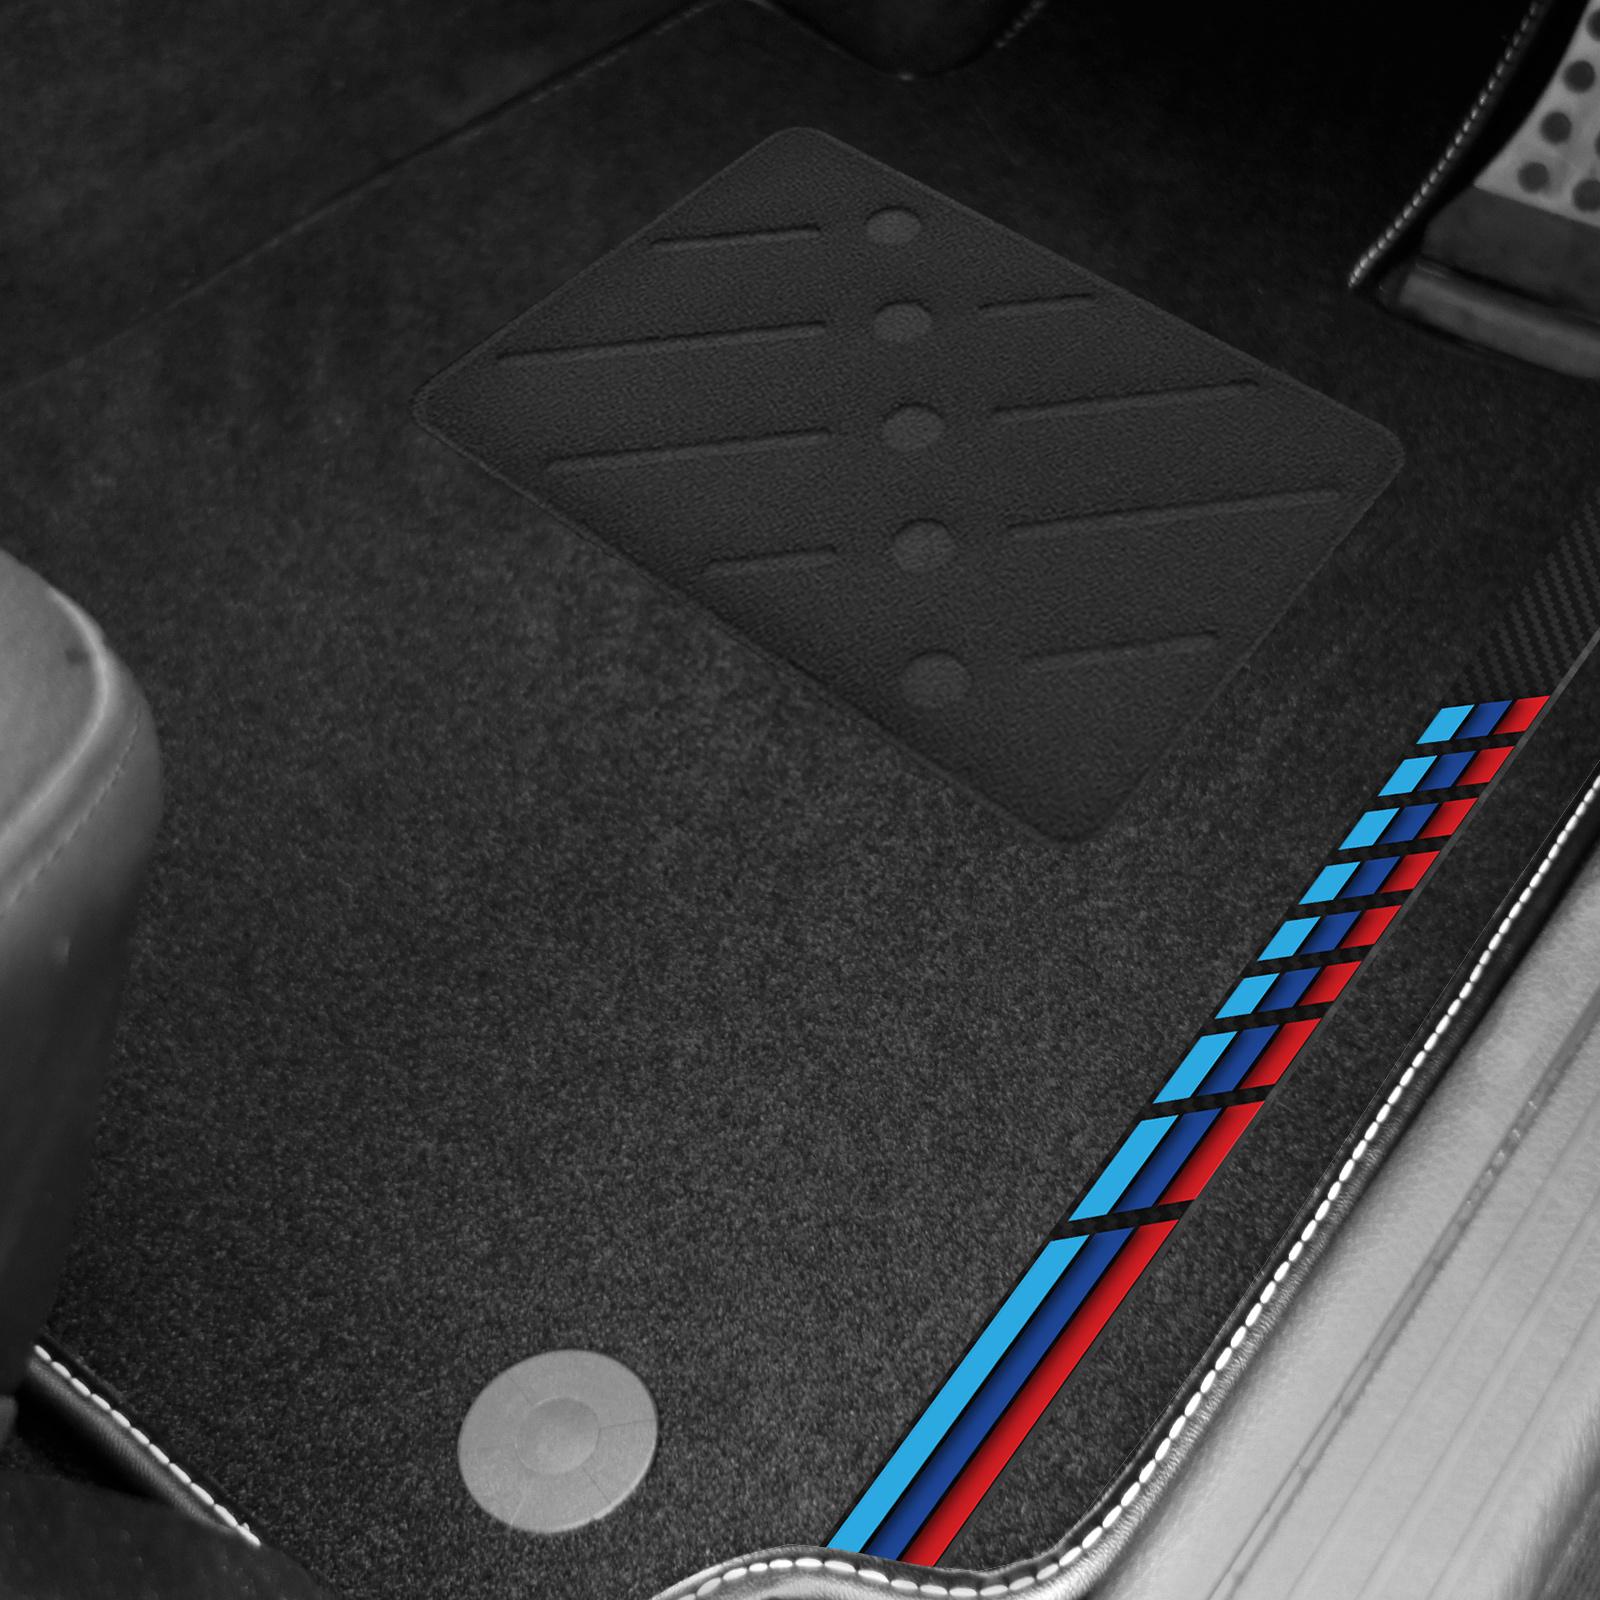 Bmw 5 Series Car Mats M Sport E60 E61 03 09 Auto Black With Logo V2 Ebay